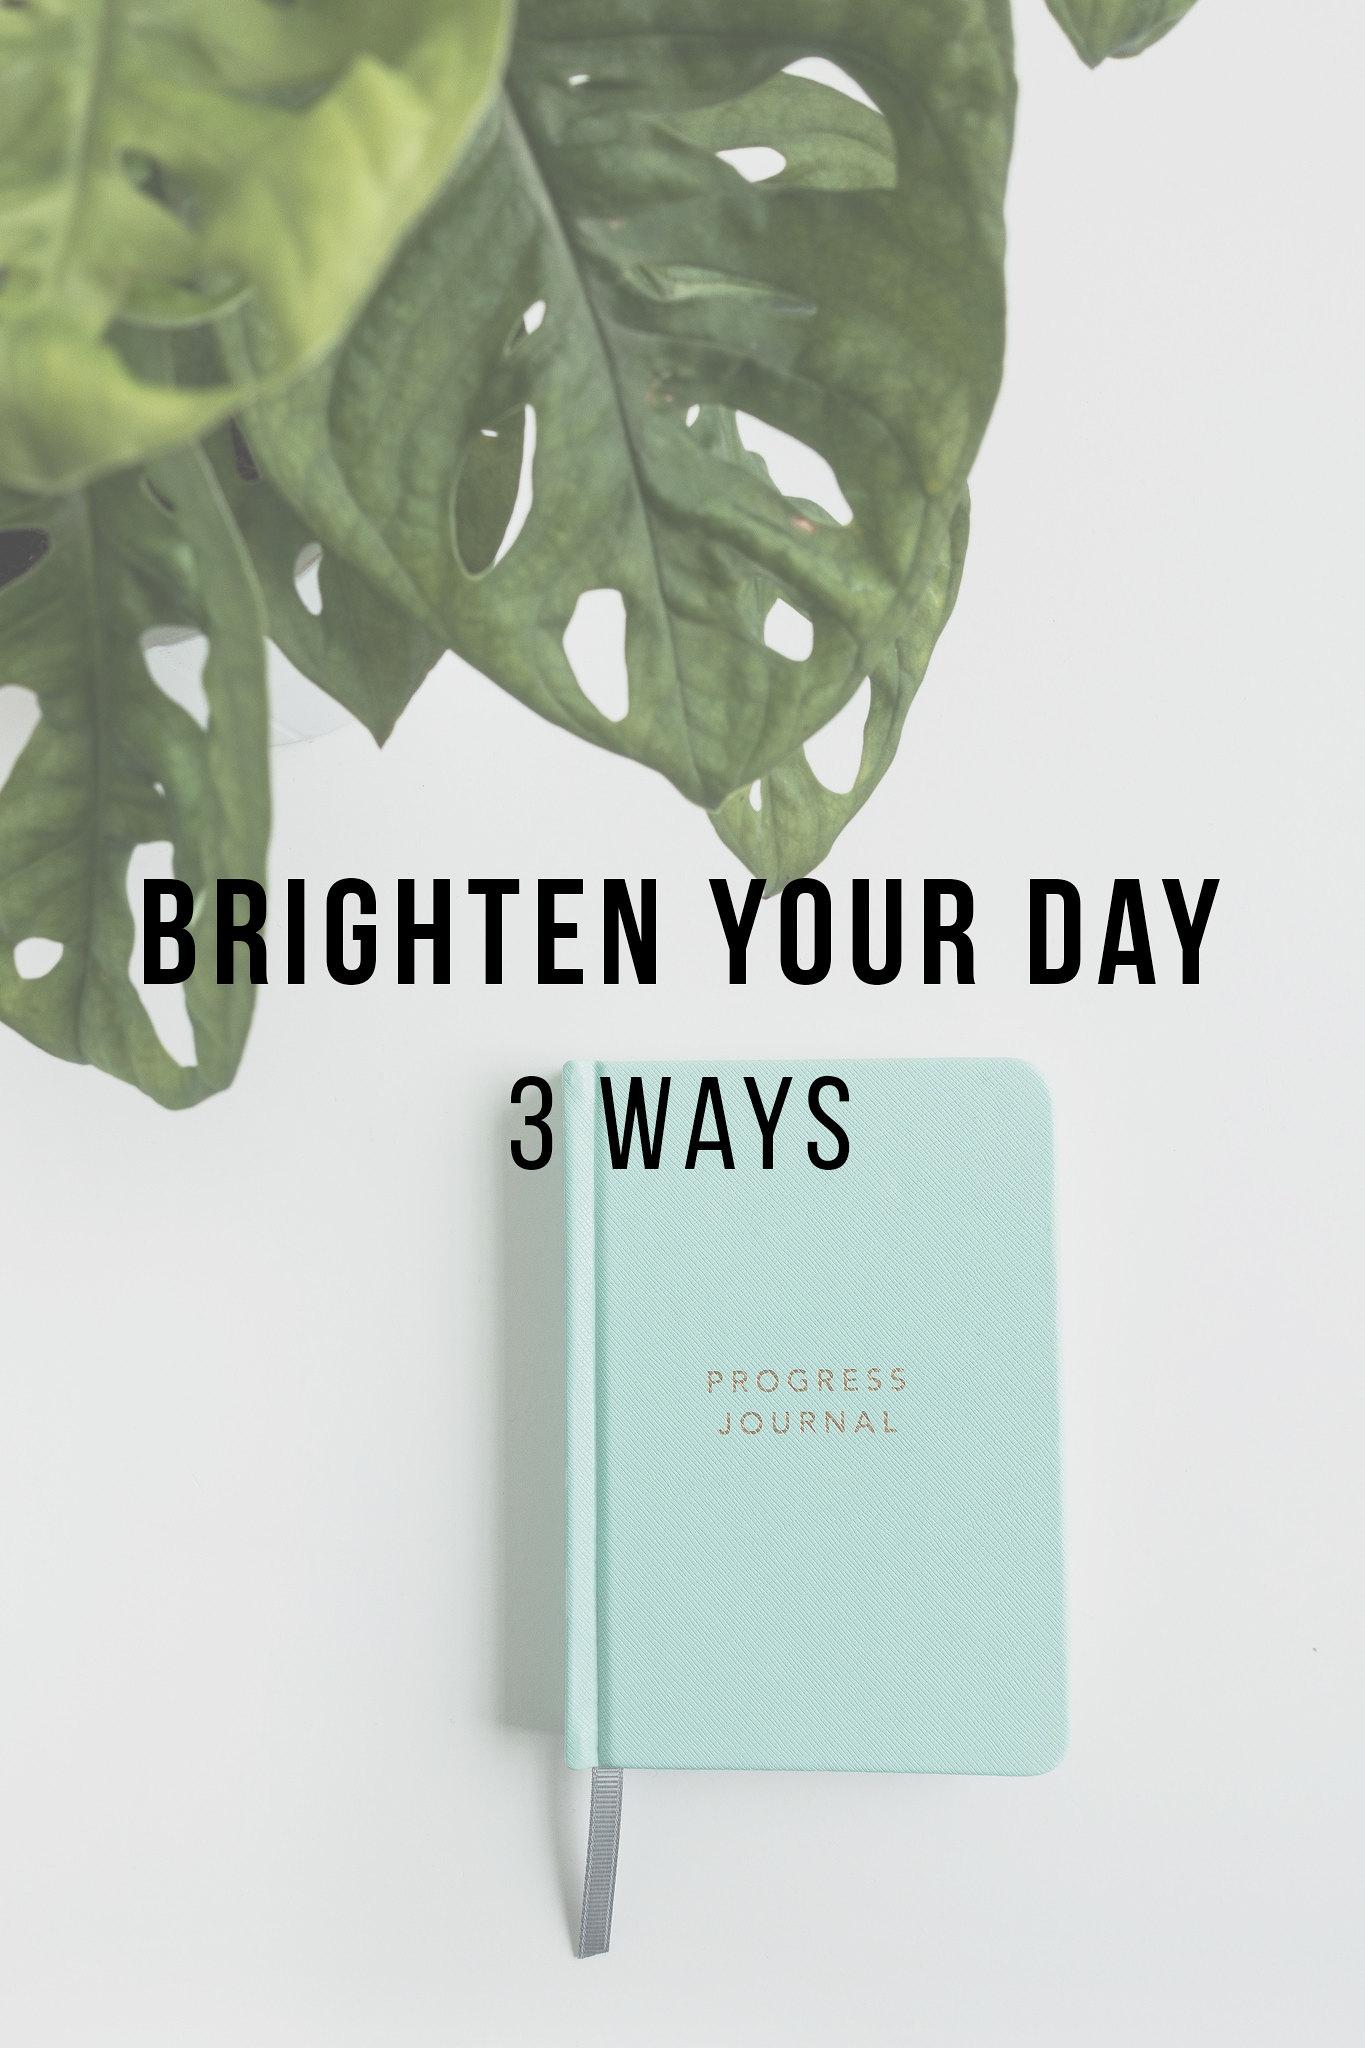 Brighten Your Day, 3 Ways